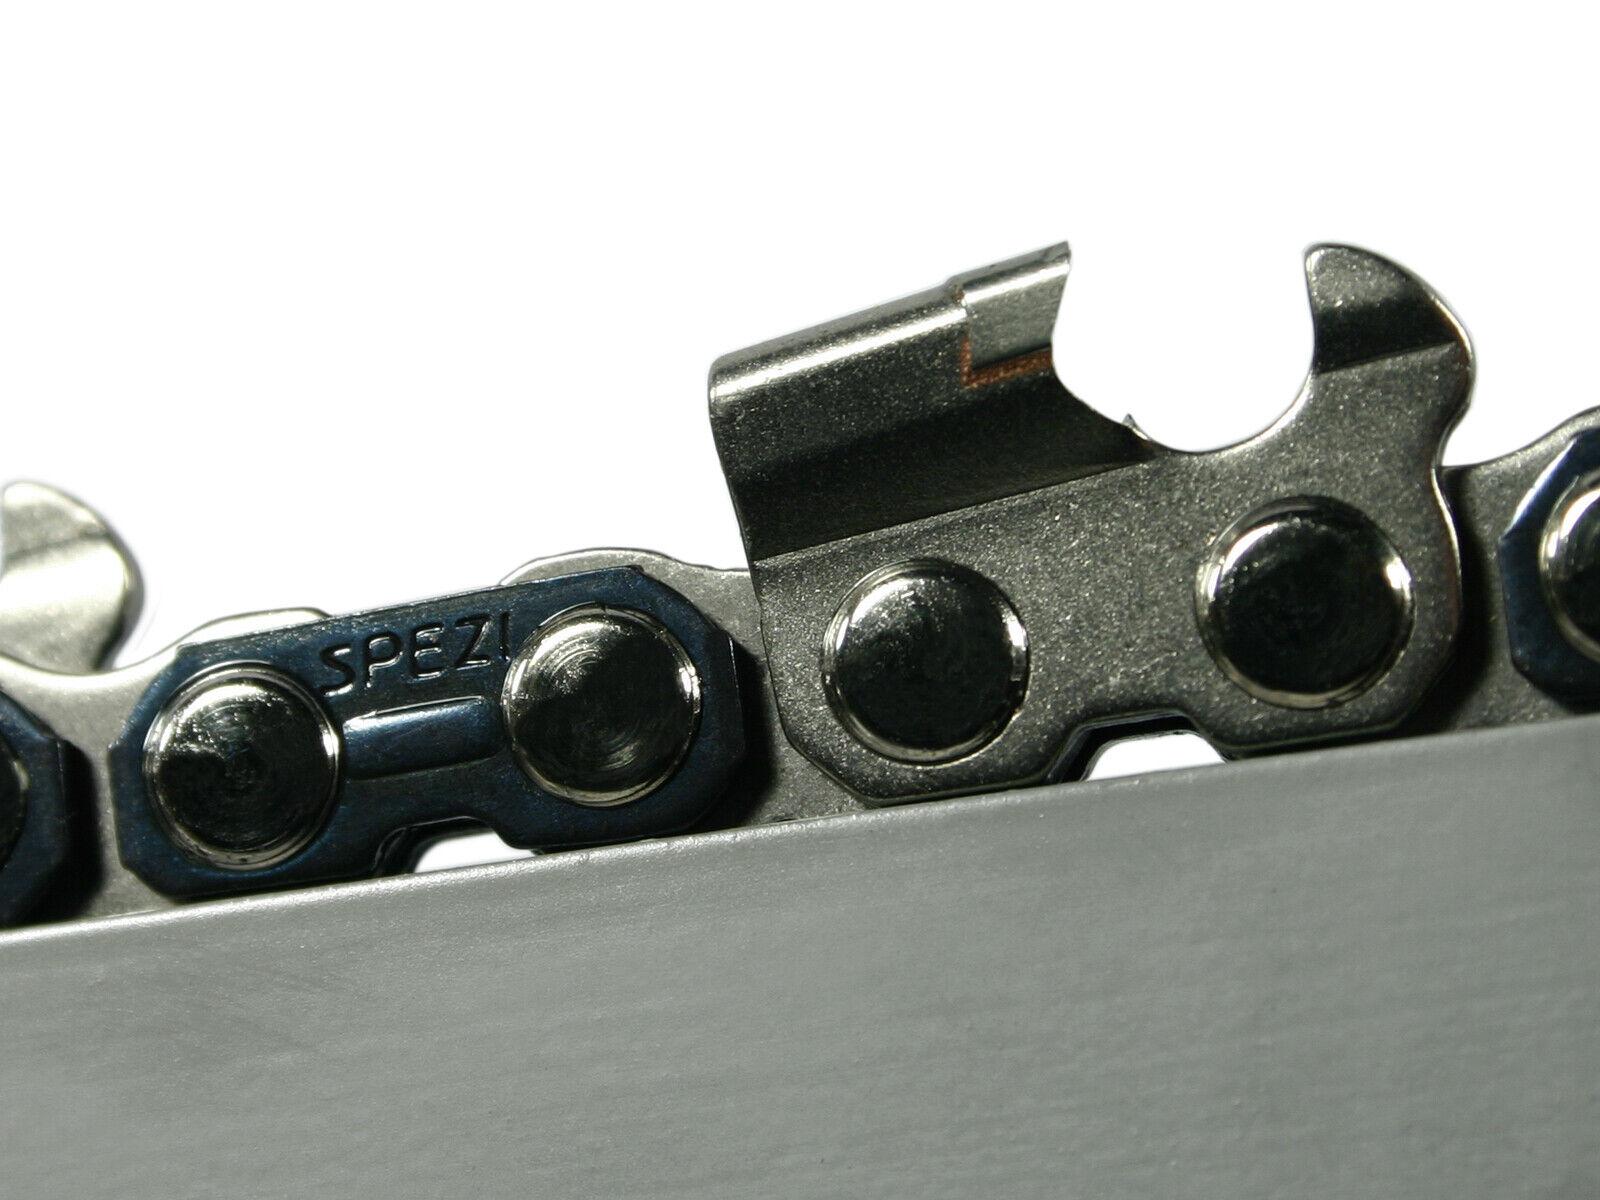 Metal duro para sierra cadena compatible con solo 694 50 cm 3 8  72tg 1,5mm Chain Cochebide